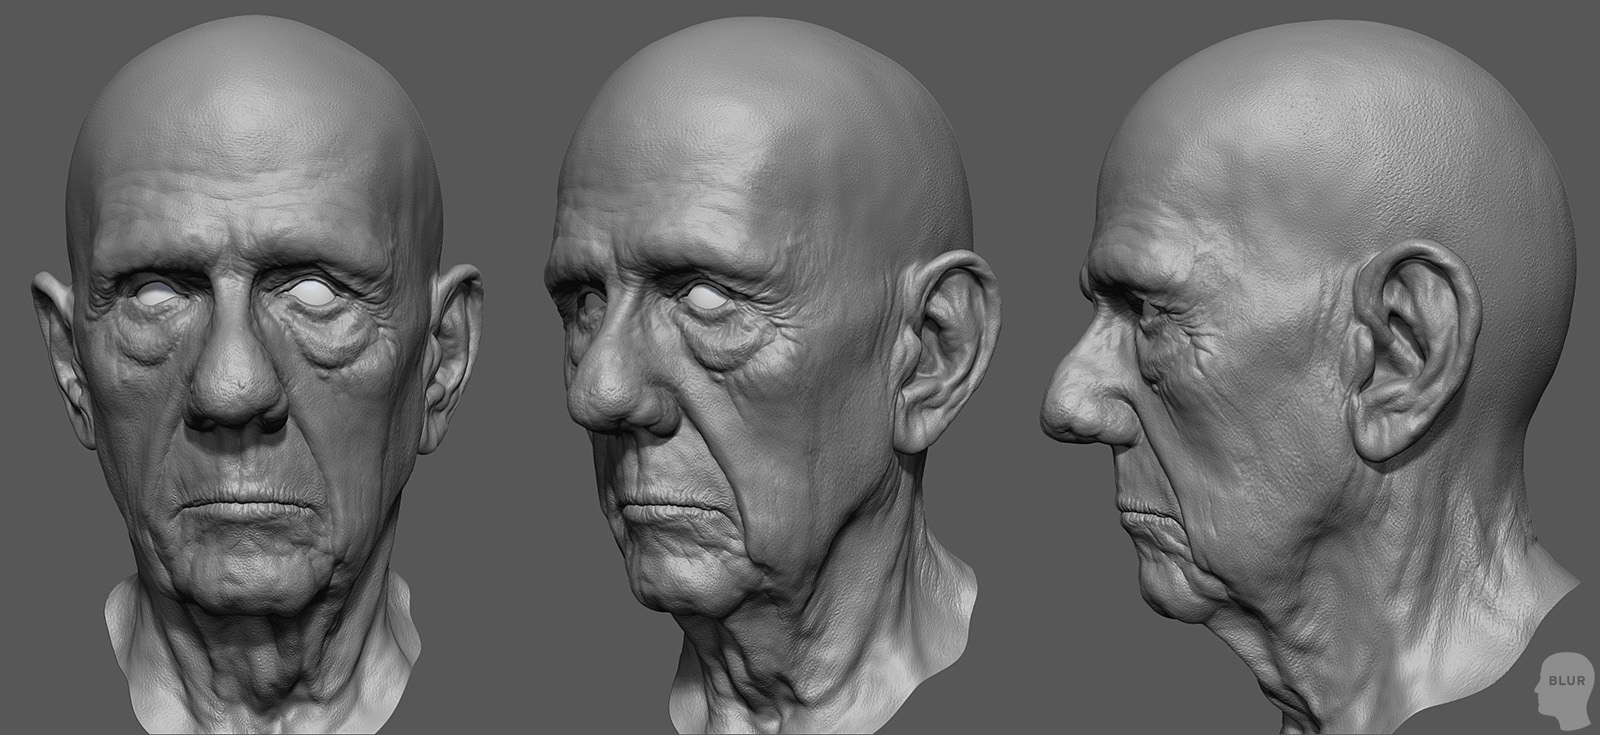 Preacher_HeadSculpt_Sheet.jpg